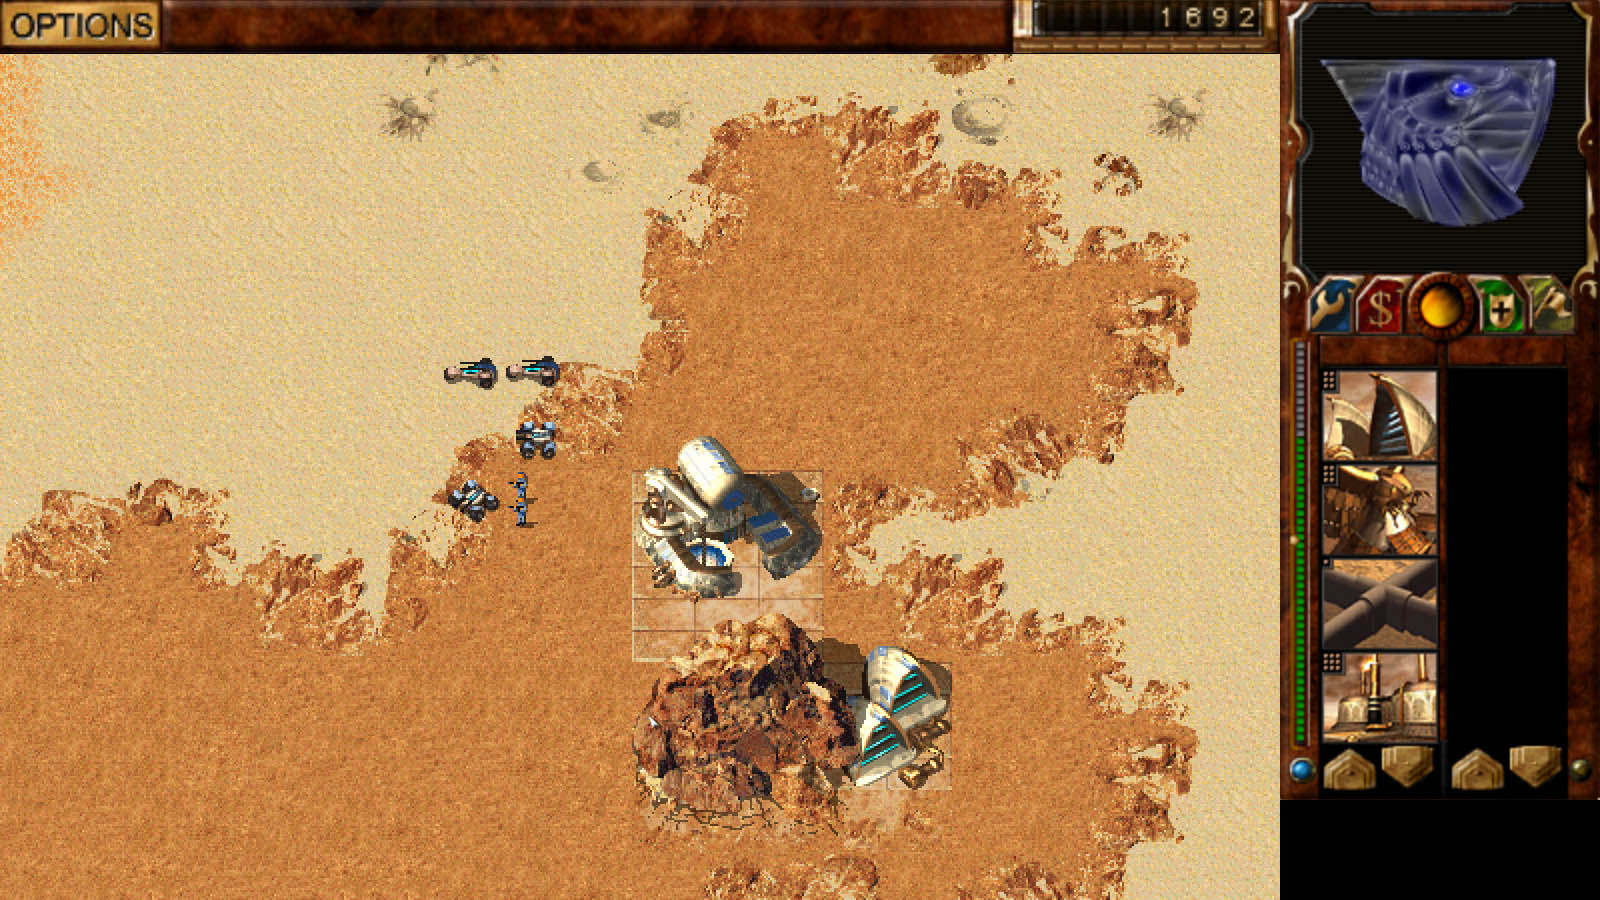 d2k3 | Dune 2000 Remastered